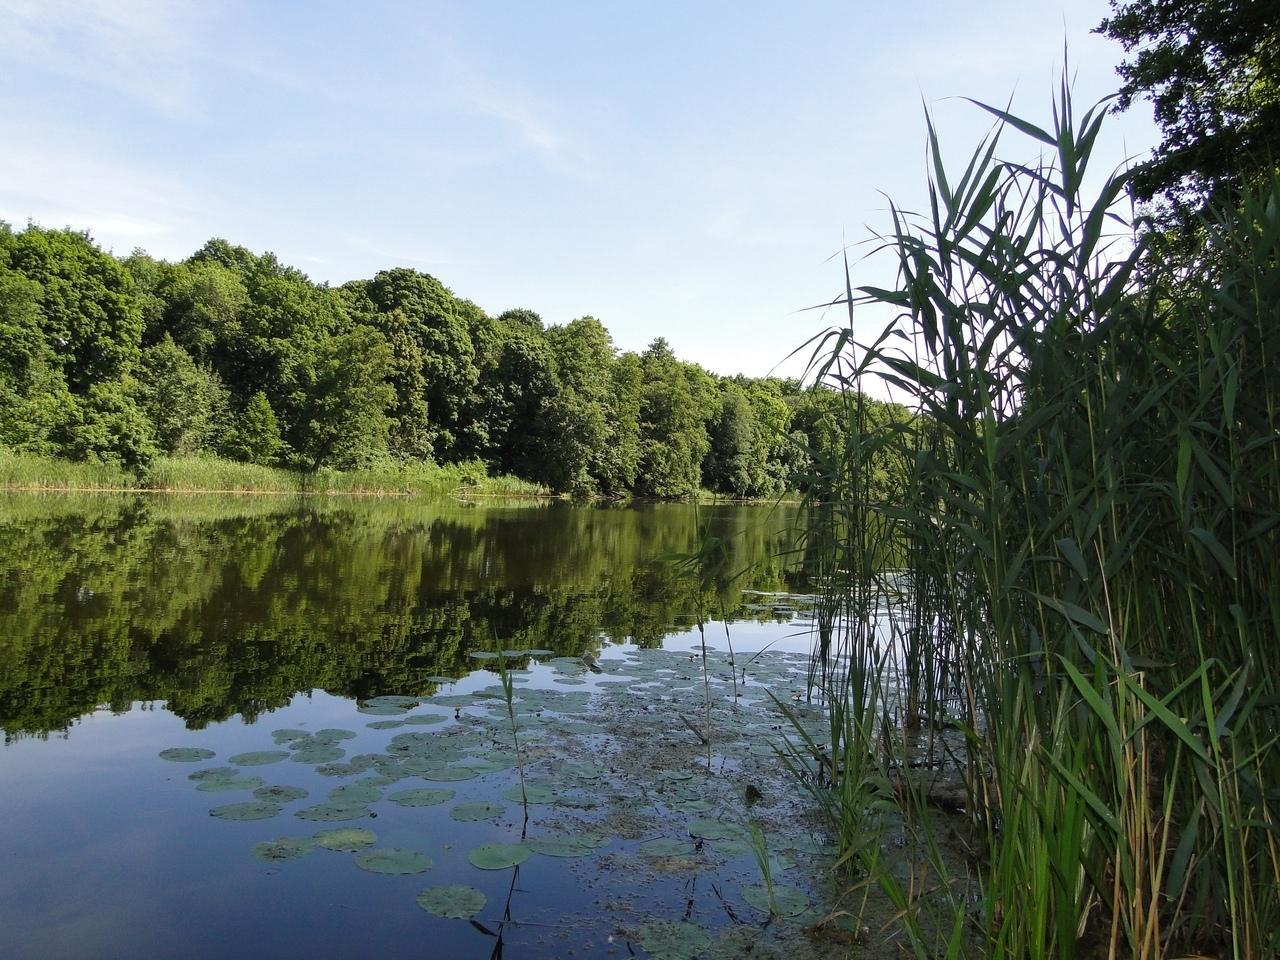 Курская область заняла 7-е место в экологическом рейтинге регионов